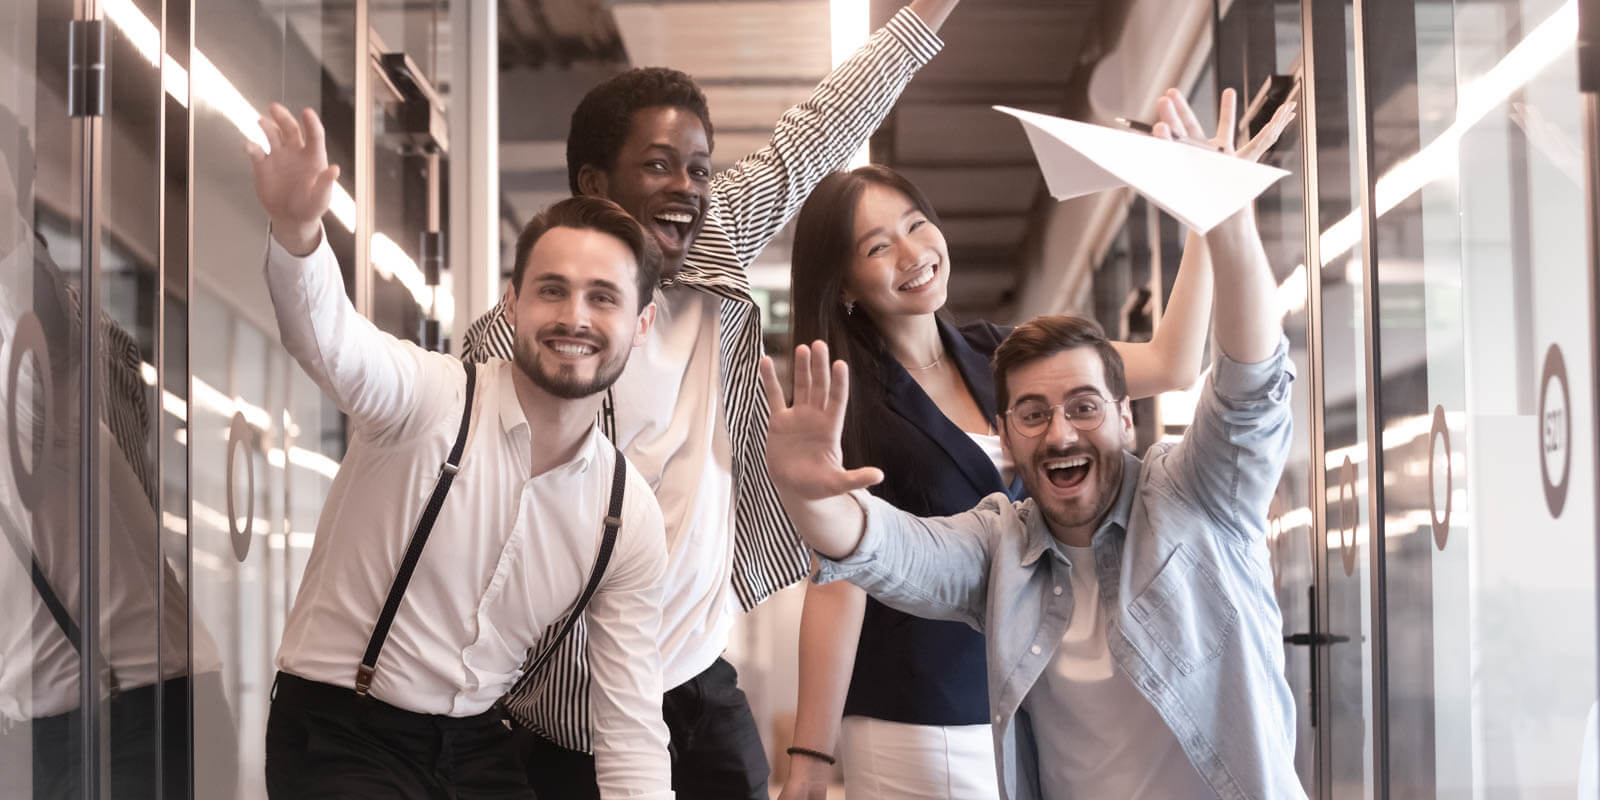 Glückliche Menschen unterschiedlicher Nationalitäten im Büro